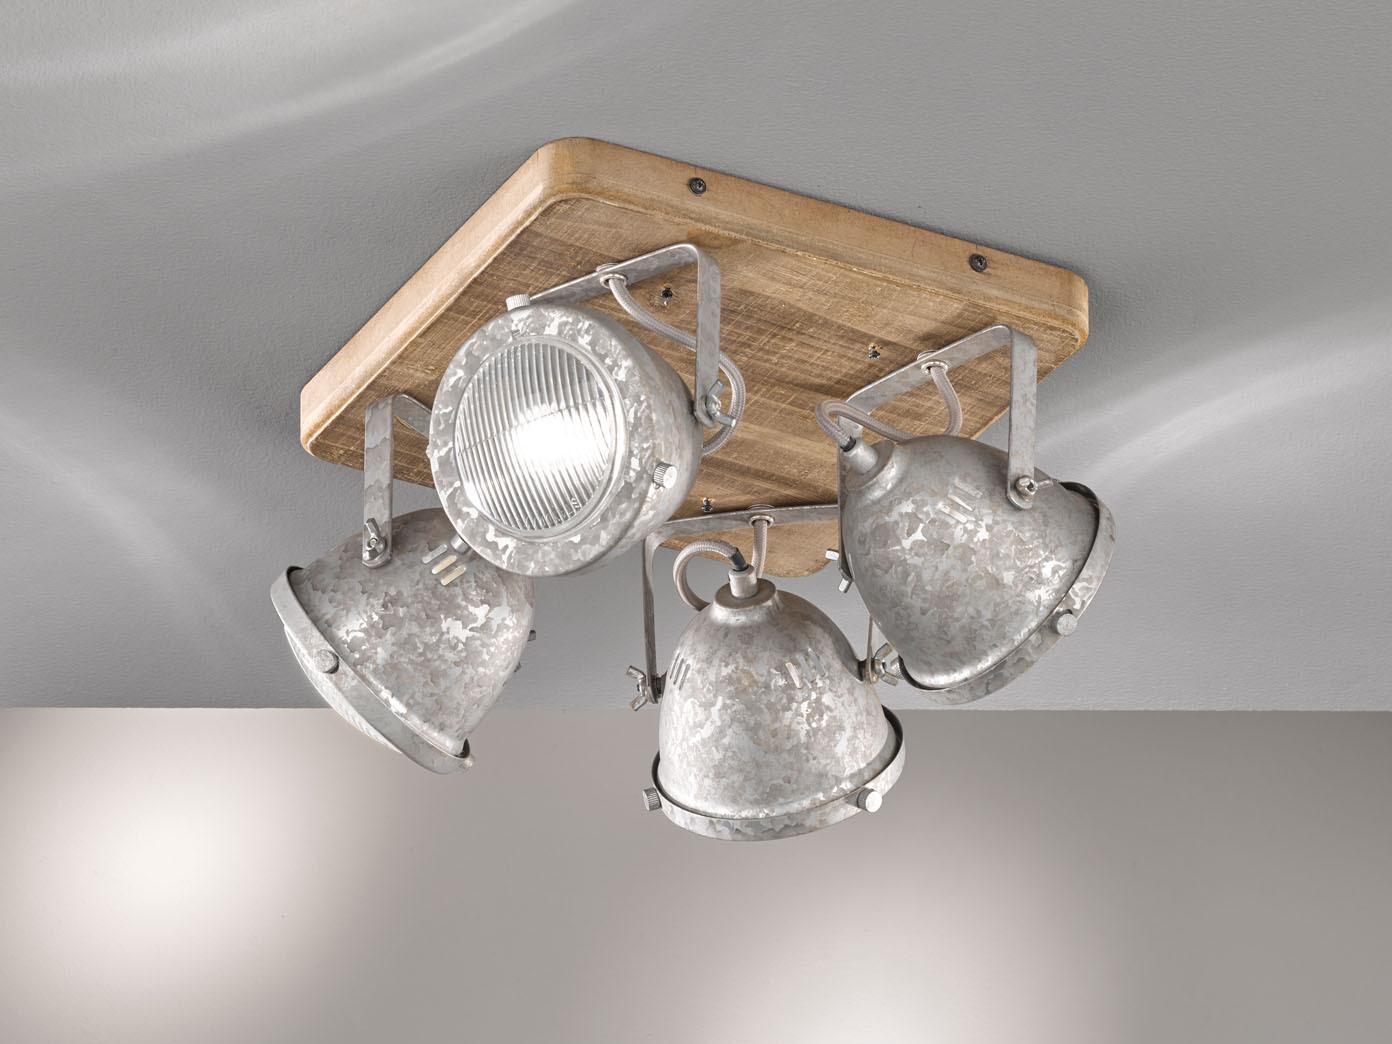 Full Size of 5c7dca04220c9 Esstisch Industrial Deckenlampen Für Wohnzimmer Deckenlampe Küche Modern Schlafzimmer Bad Wohnzimmer Deckenlampe Industrial